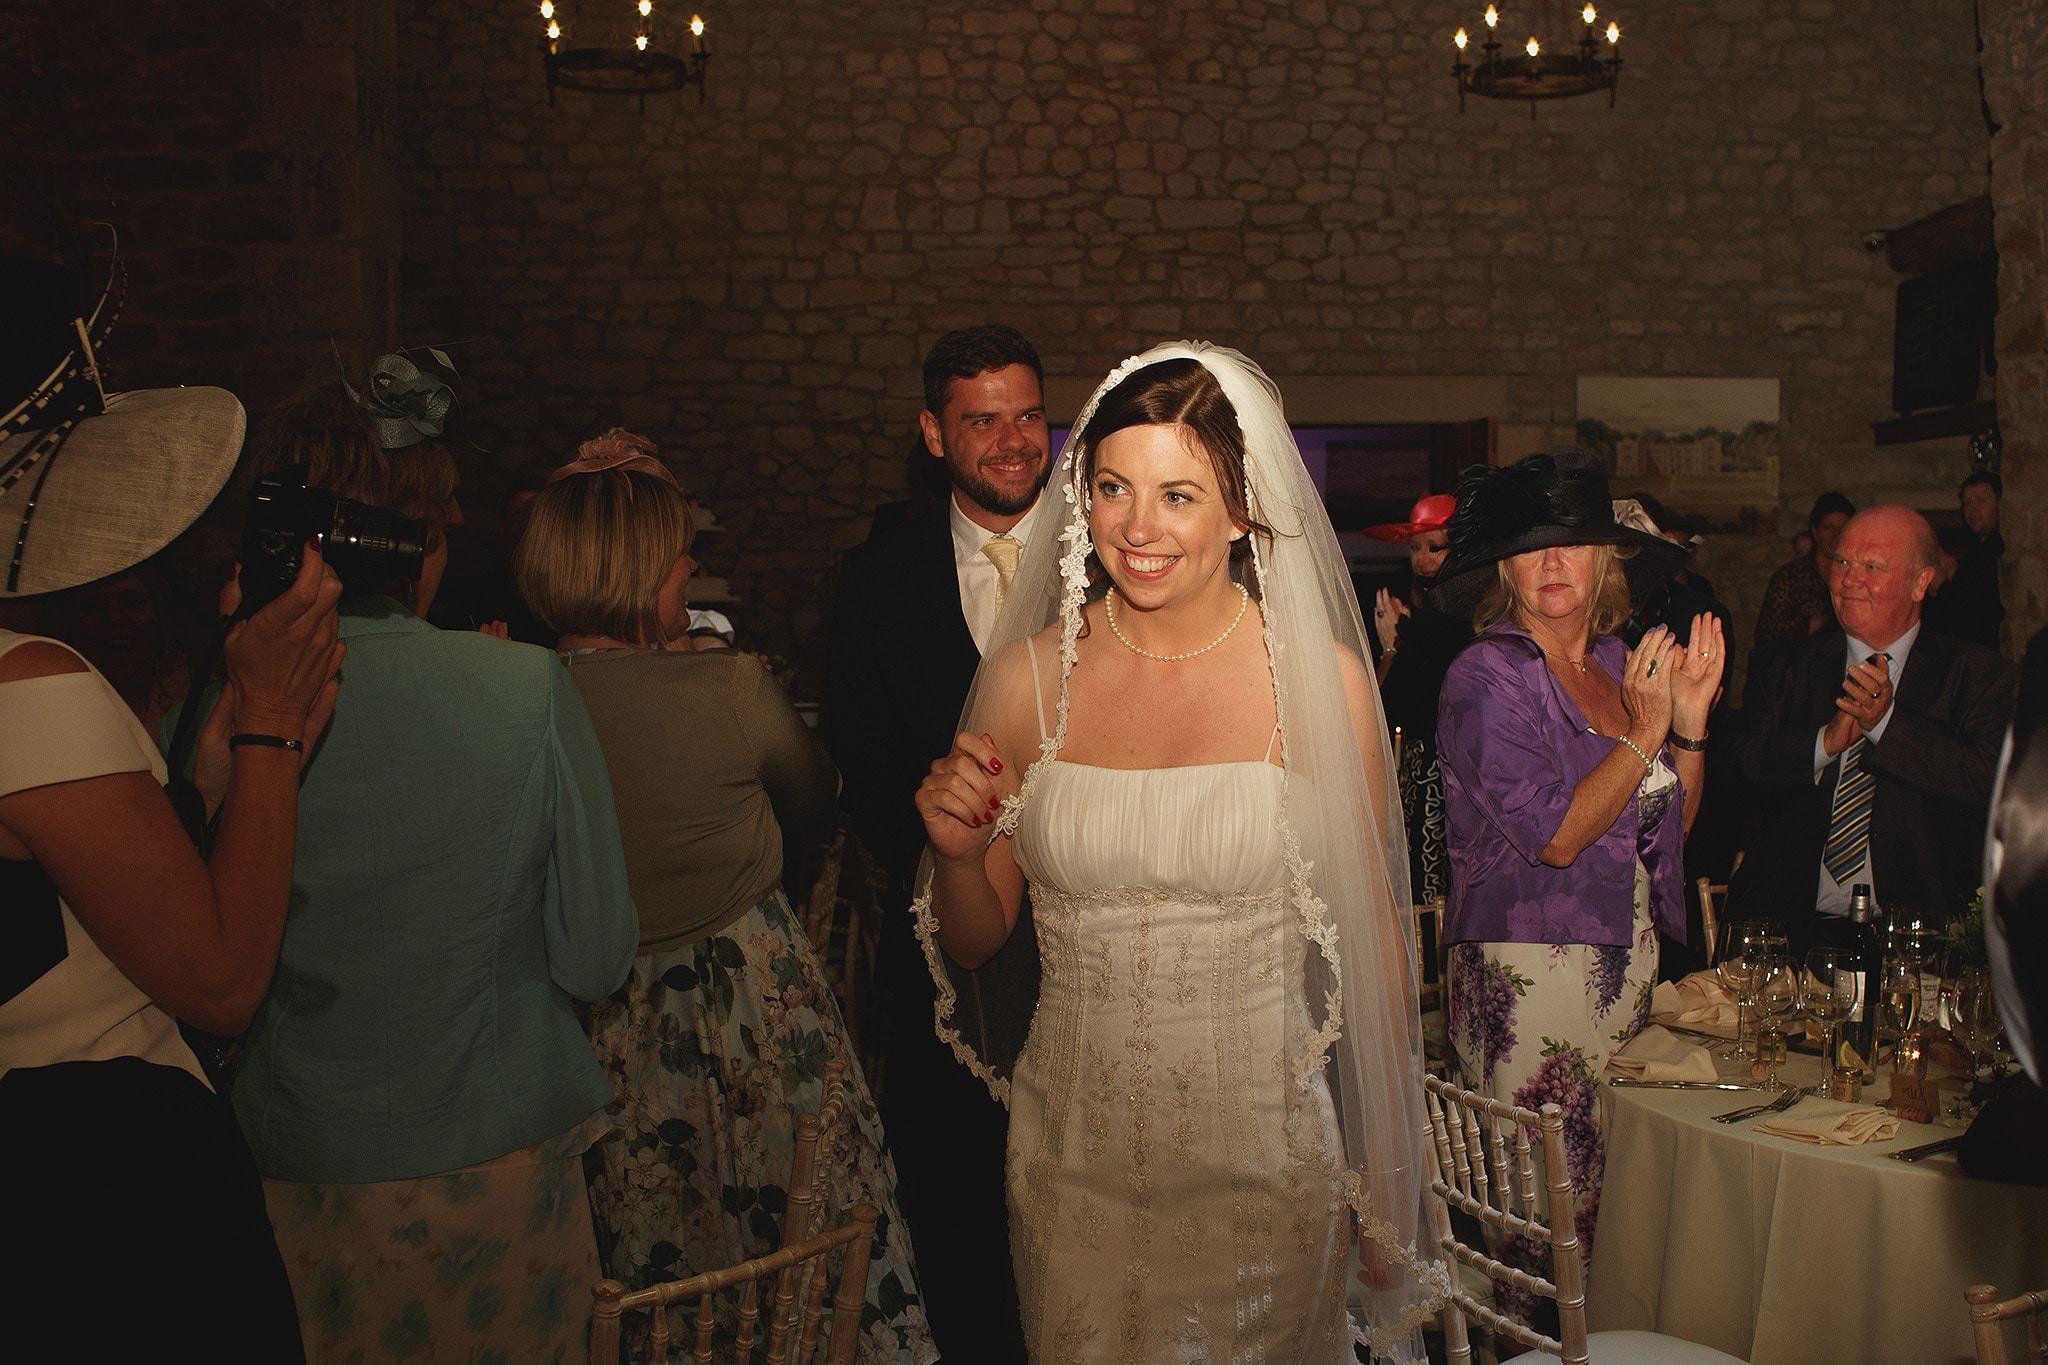 Bride and Groom entering wedding reception at Browsholme Hall Wedding.